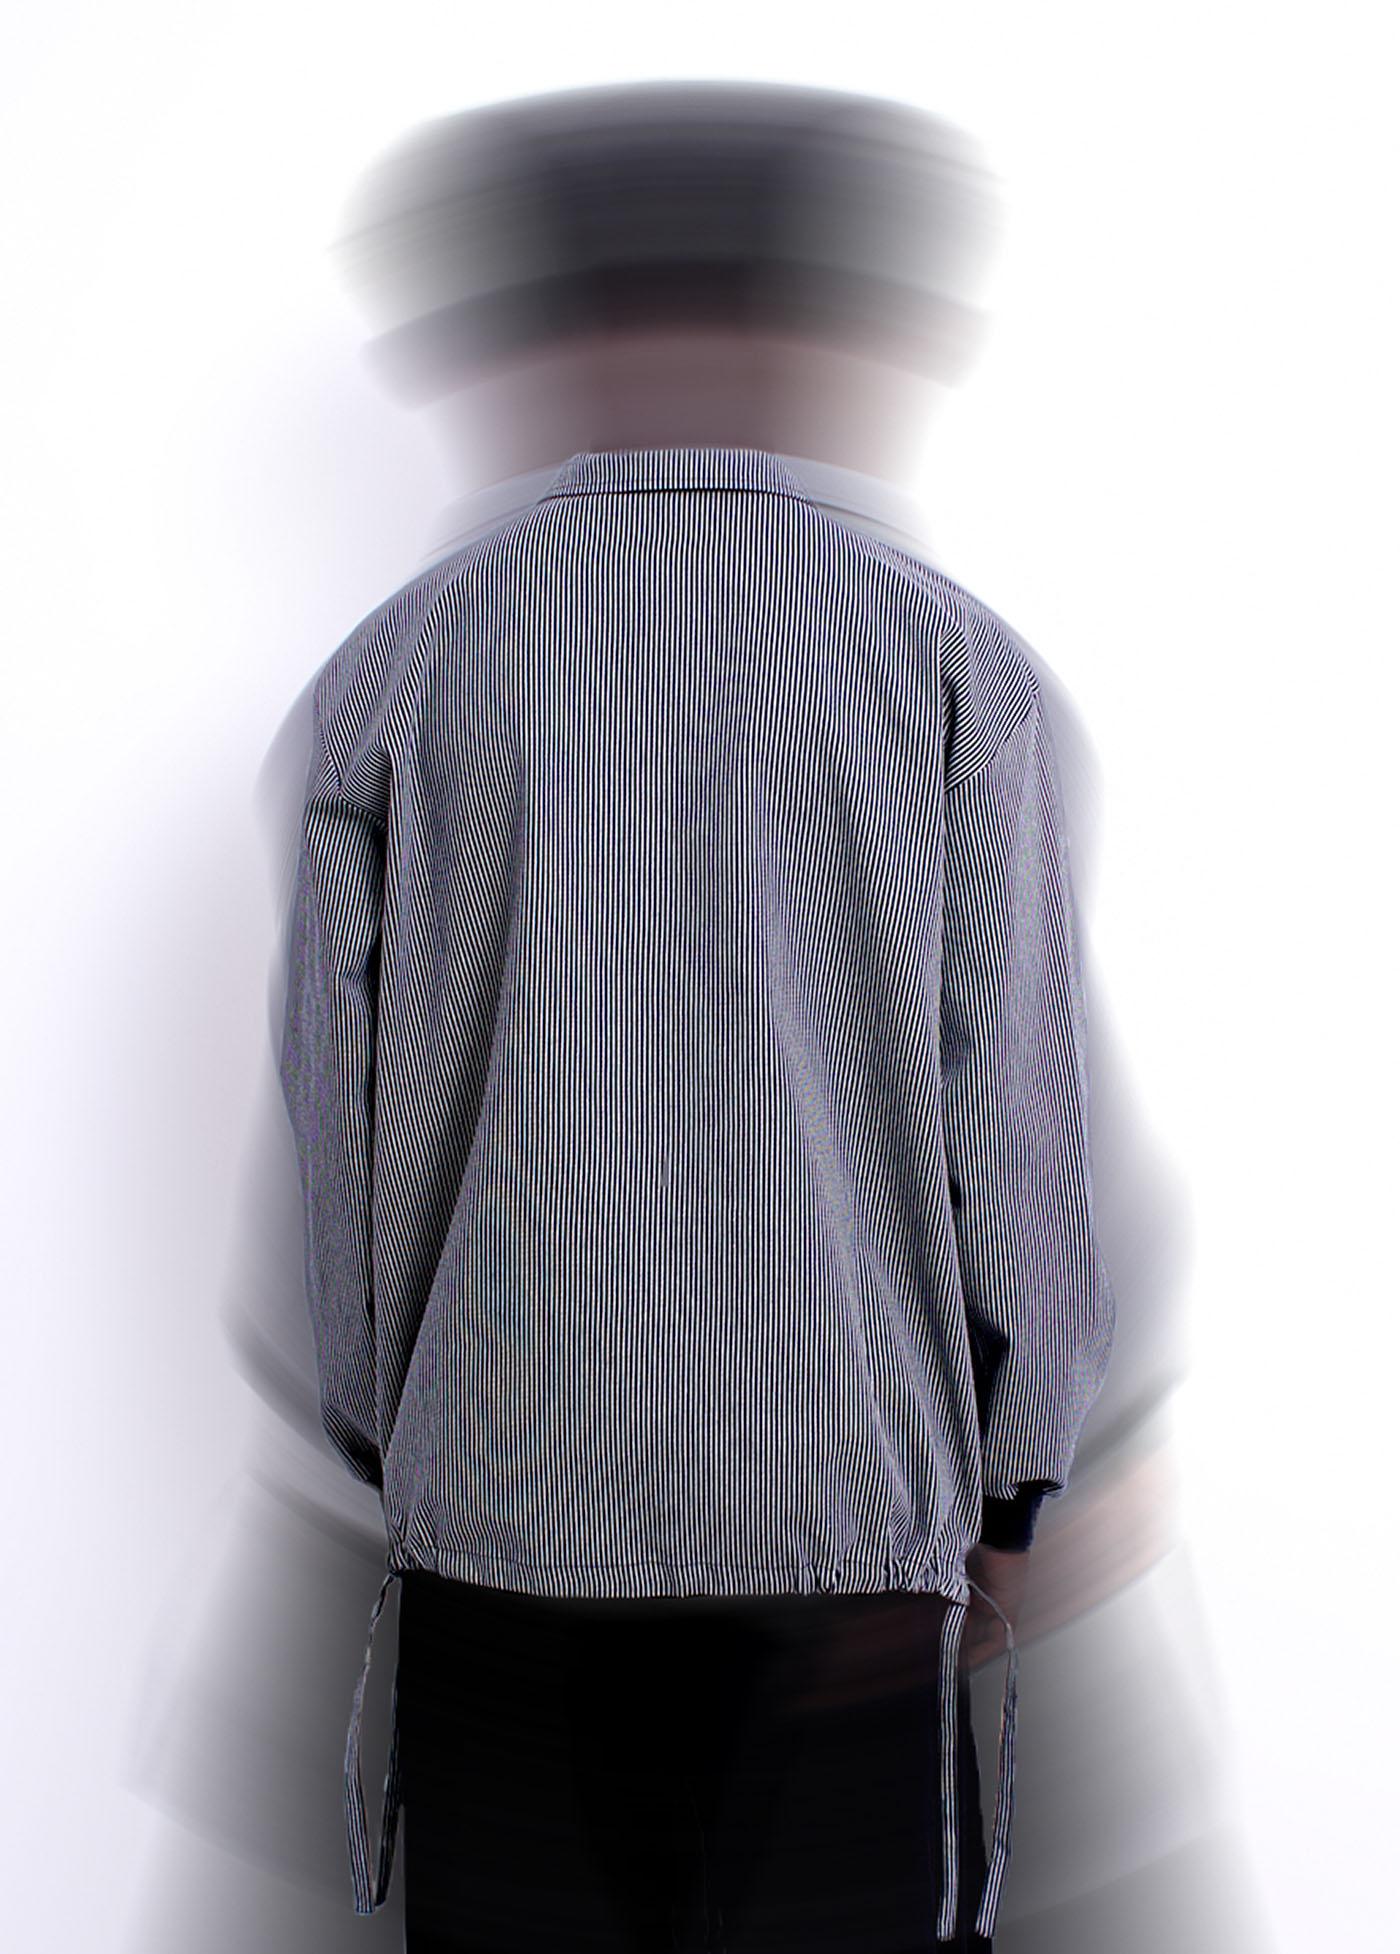 scar-id-alexandra-moura-ss21-sweater-camisola-anda-3